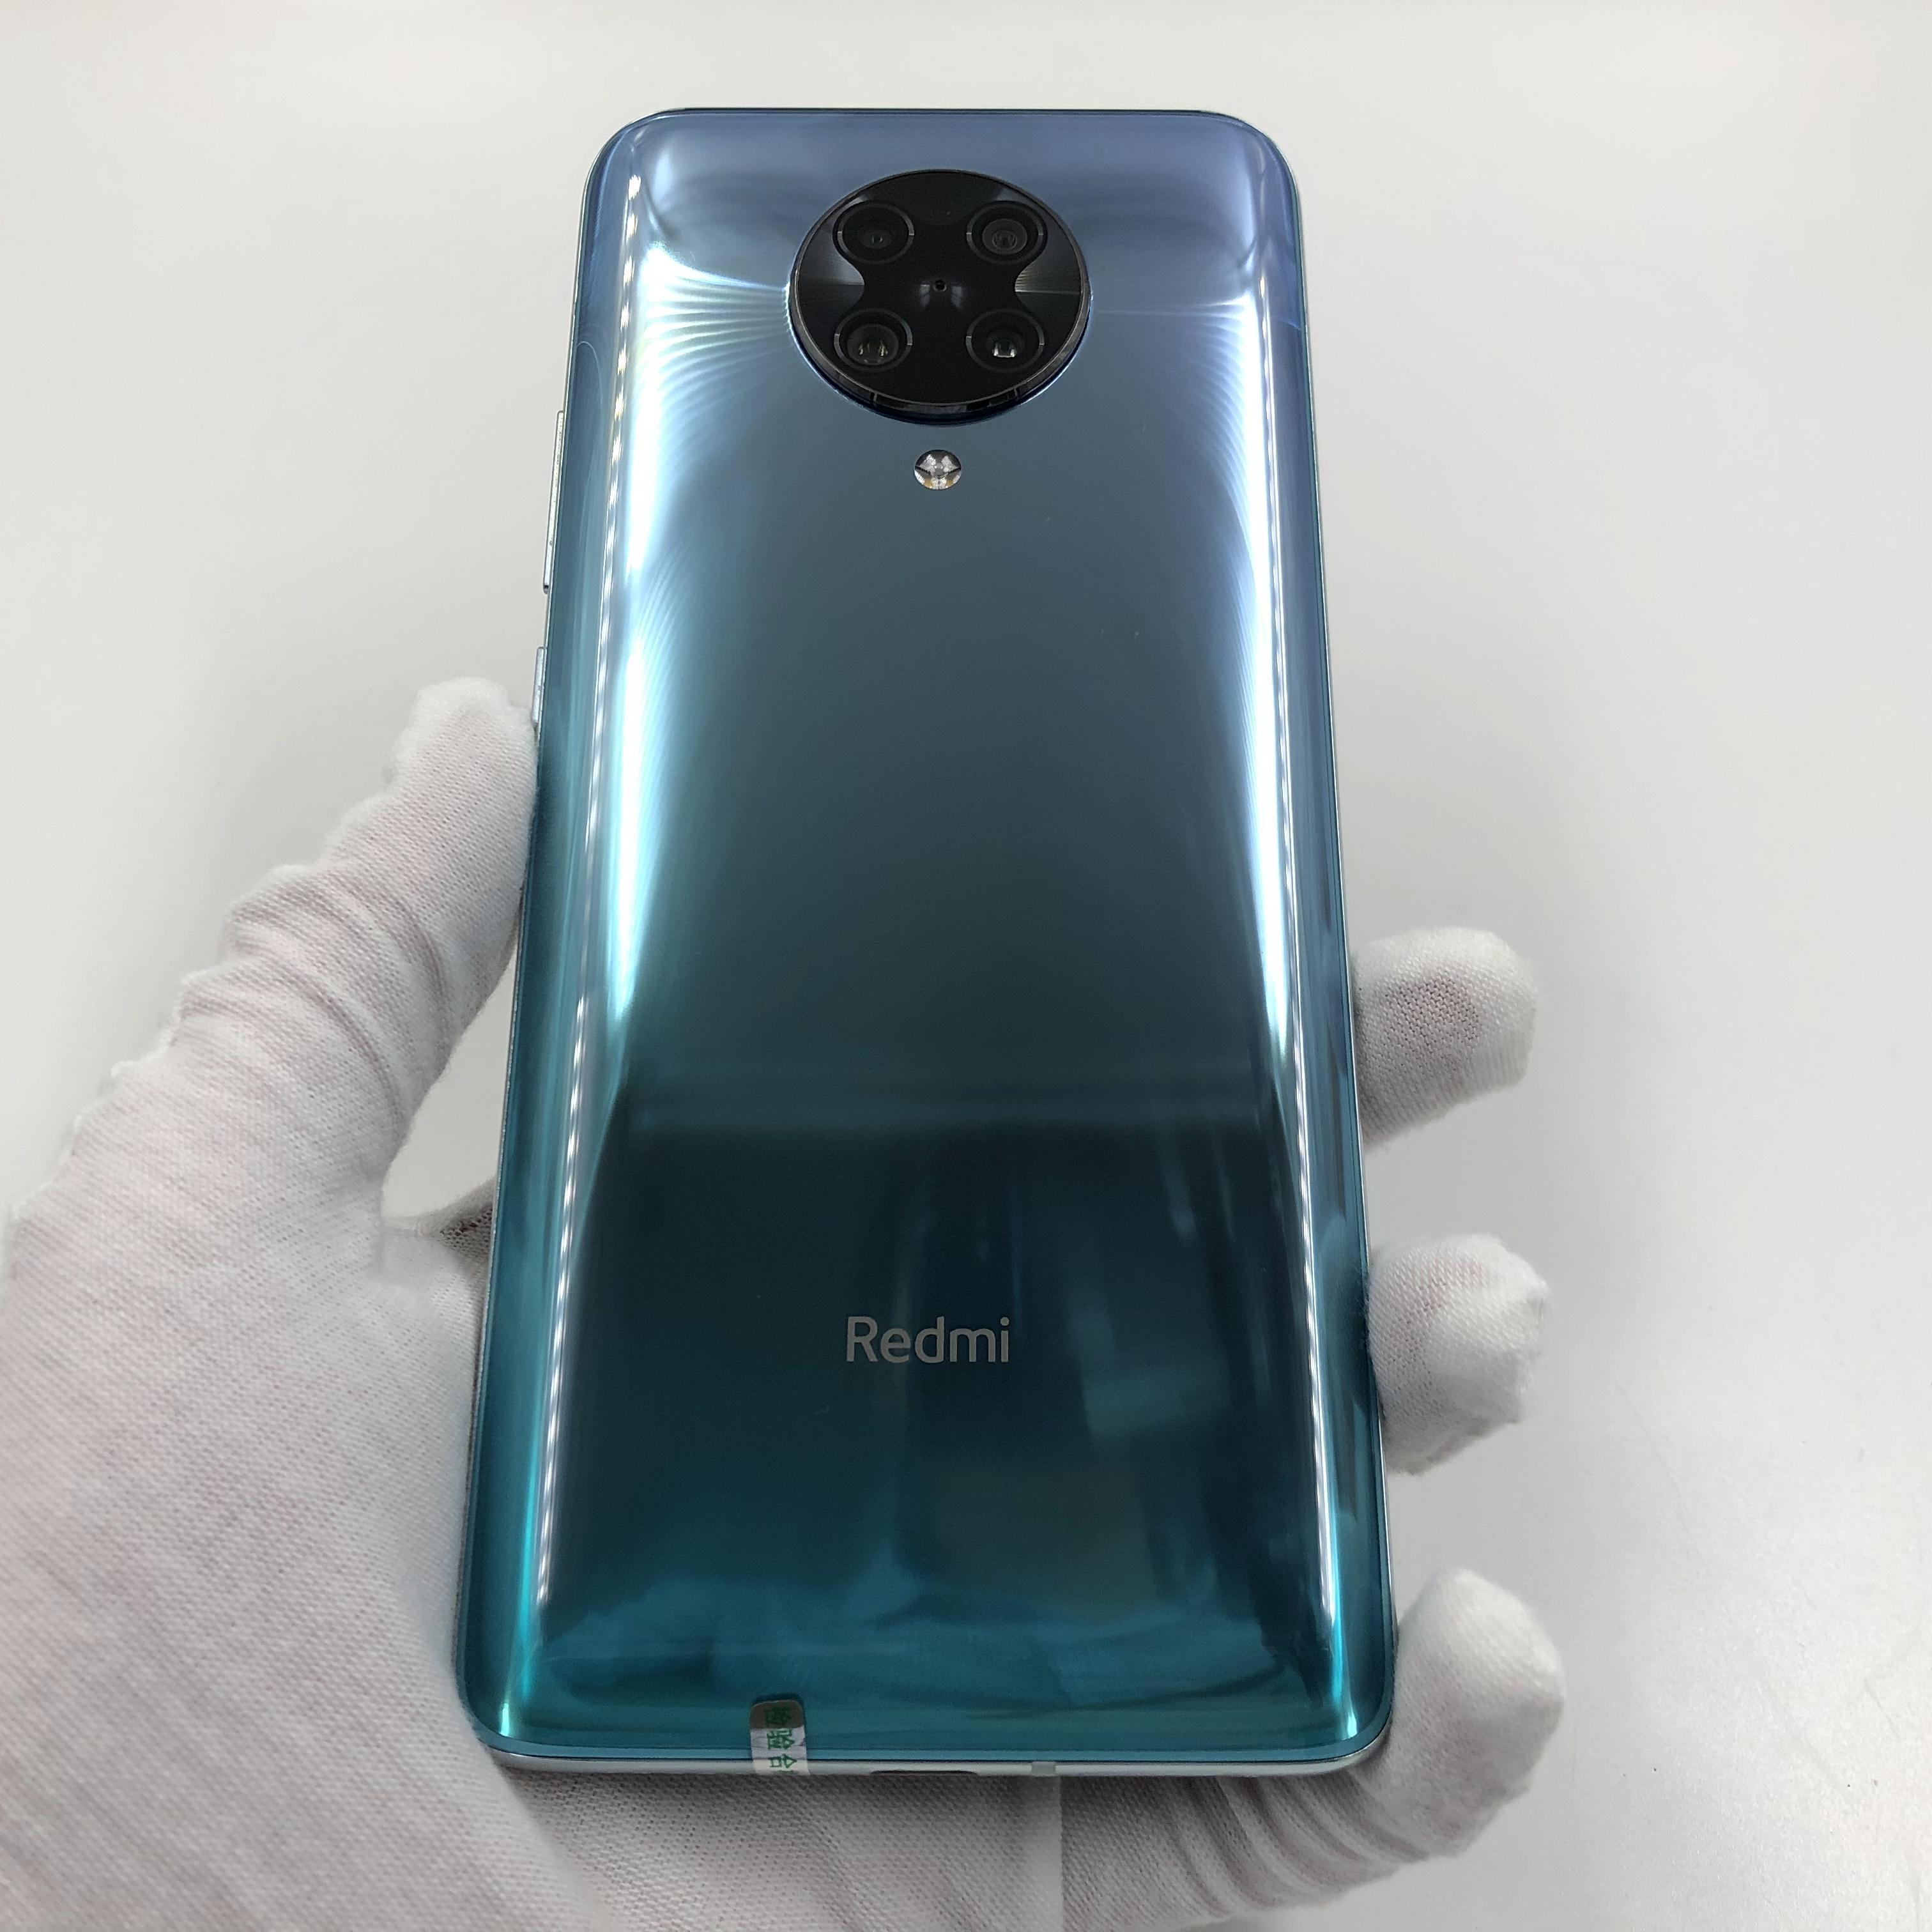 小米【Redmi K30 至尊 5G】5G全网通 薄荷绿 8G/128G 国行 95新 真机实拍